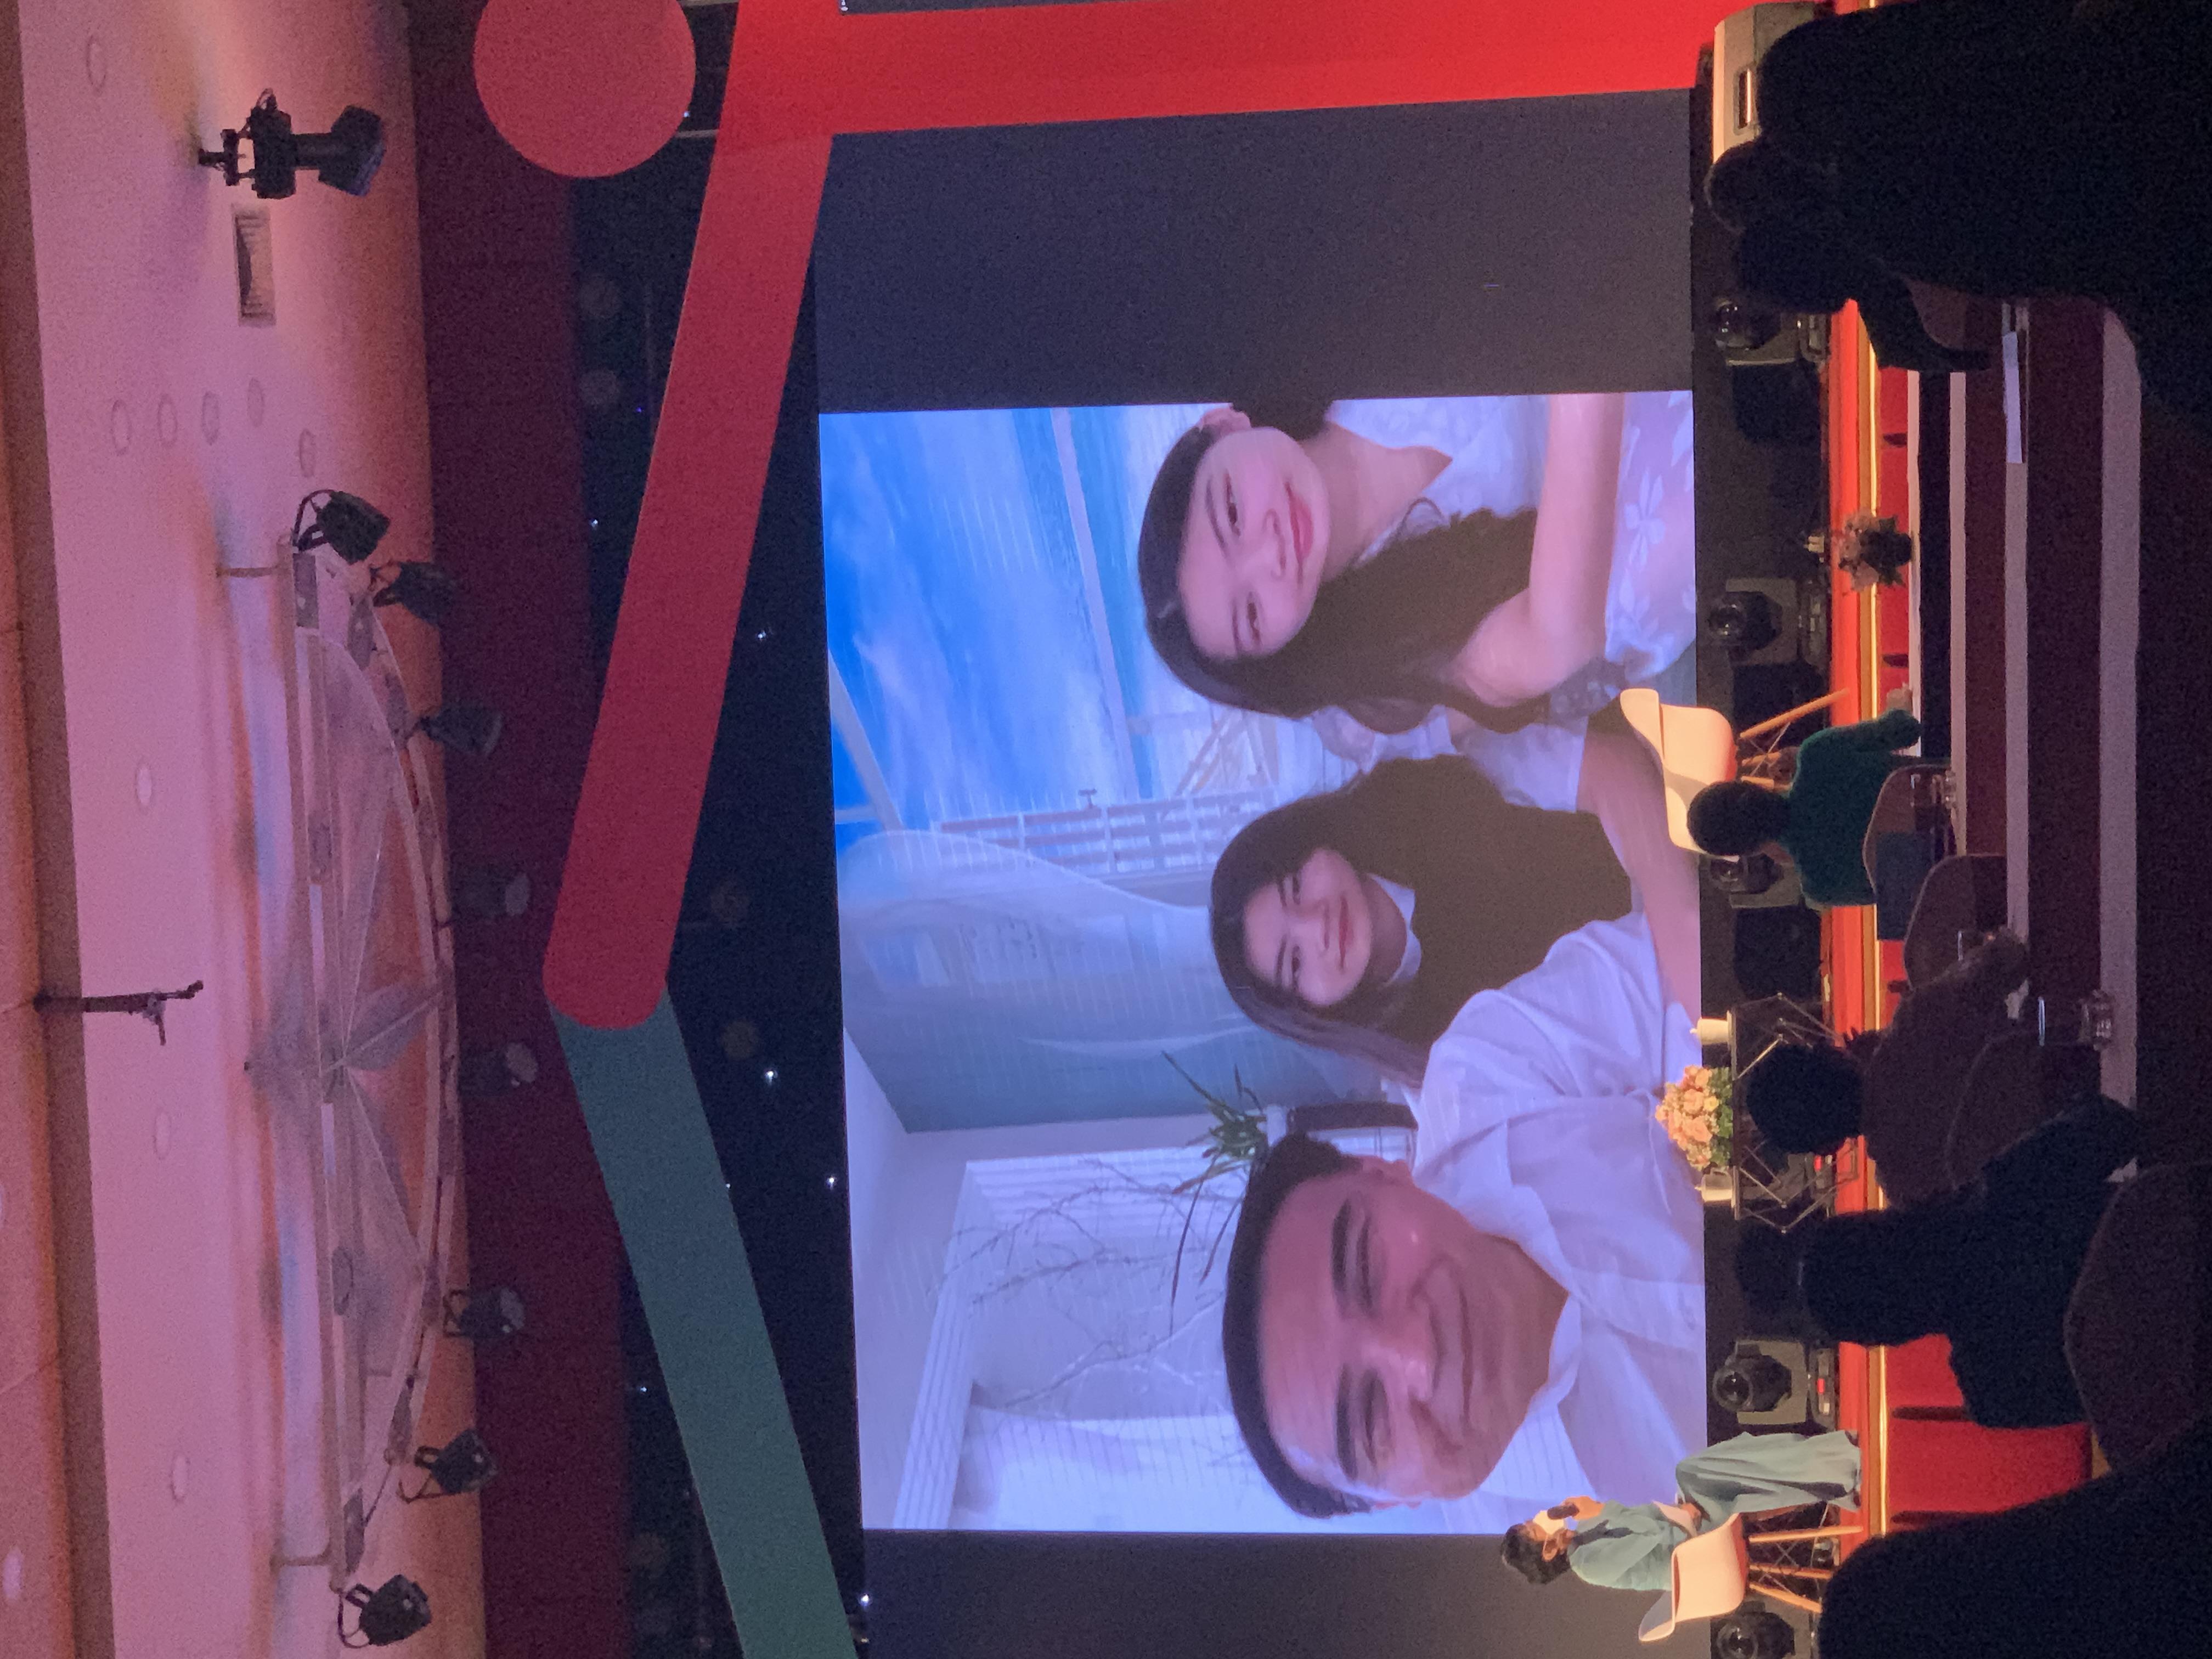 Nghệ sỹ, MC Quyền Linh cùng hai con gái tham gia ngày hội qua kênh trực tuyến tại điểm cầu TP Hồ Chí Minh. Anh cho biết, khi ở nhà, anh dành 100% thời gian của mình để cùng vợ làm việc nhà, chăm sóc các con. Bí quyết để giữ hạnh phúc gia đình của anh là